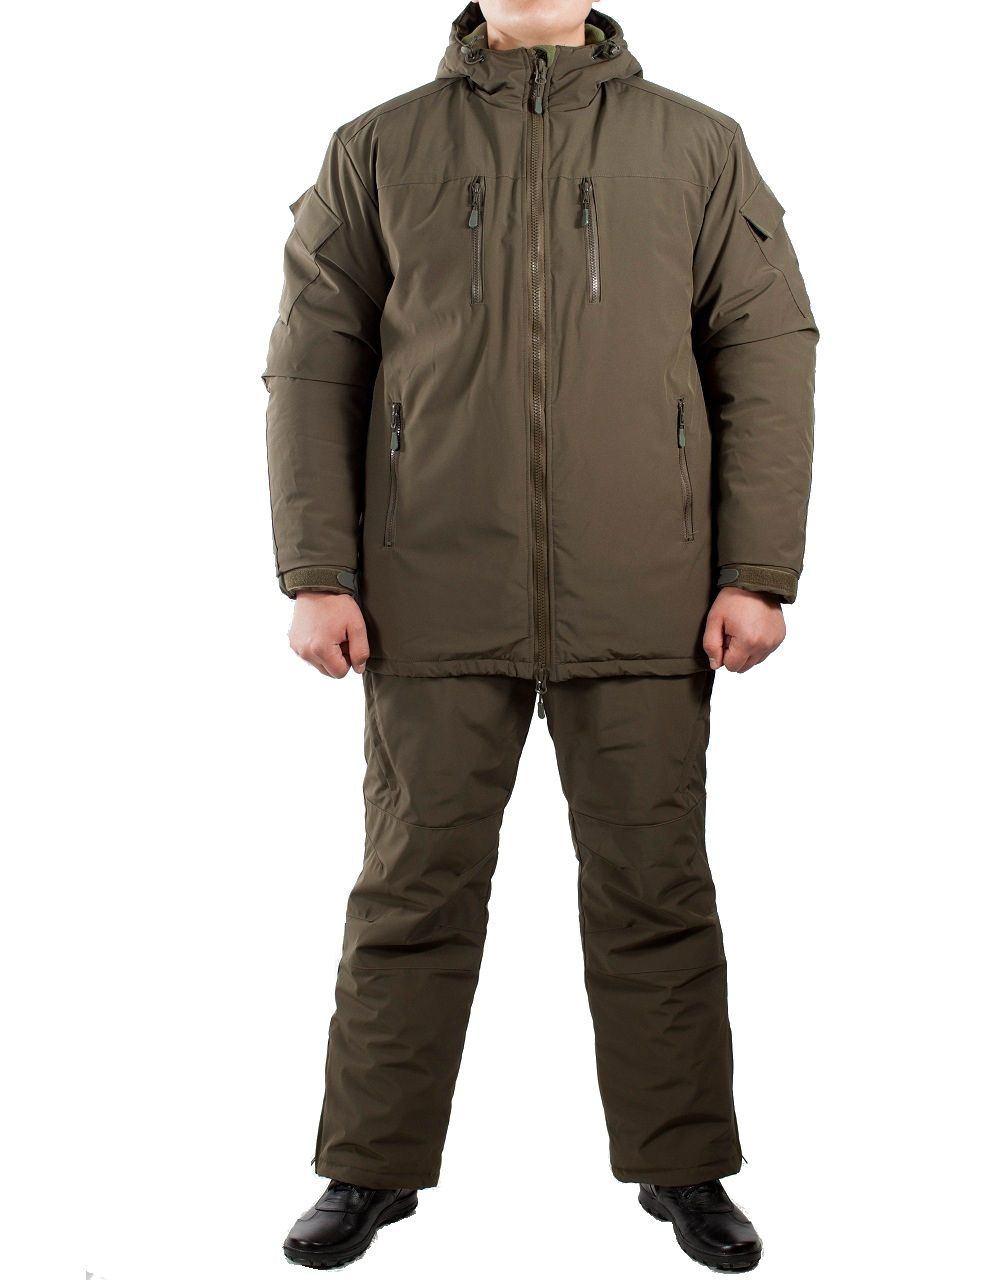 Костюм зимний МПА-38-01 (мембрана, хаки), Magellan Костюмы утепленные<br>Костюм состоит из брюк с плечевой разгрузочной <br>системой, а также куртки со съемным капюшоном <br>и утепляющей подкладкой. Разработан для <br>подразделений воооруженных сил, действующих <br>в условиях экстремального холода (до -50 <br>градусов Цельсия). ХАРАКТЕРИСТИКИ ЗАЩИТА <br>ОТ ХОЛОДА ДЛЯ ИНТЕНСИВНЫХ НАГРУЗОК ДЛЯ <br>АКТИВНОГО ОТДЫХА ТОЛЬКО РУЧНАЯ СТИРКА МАТЕРИАЛЫ <br>МЕМБРАНА УТЕПЛИТЕЛЬ ФАЙБЕРСОФТ<br><br>Пол: мужской<br>Размер: 50<br>Рост: 188<br>Сезон: зима<br>Цвет: оливковый<br>Материал: мембрана